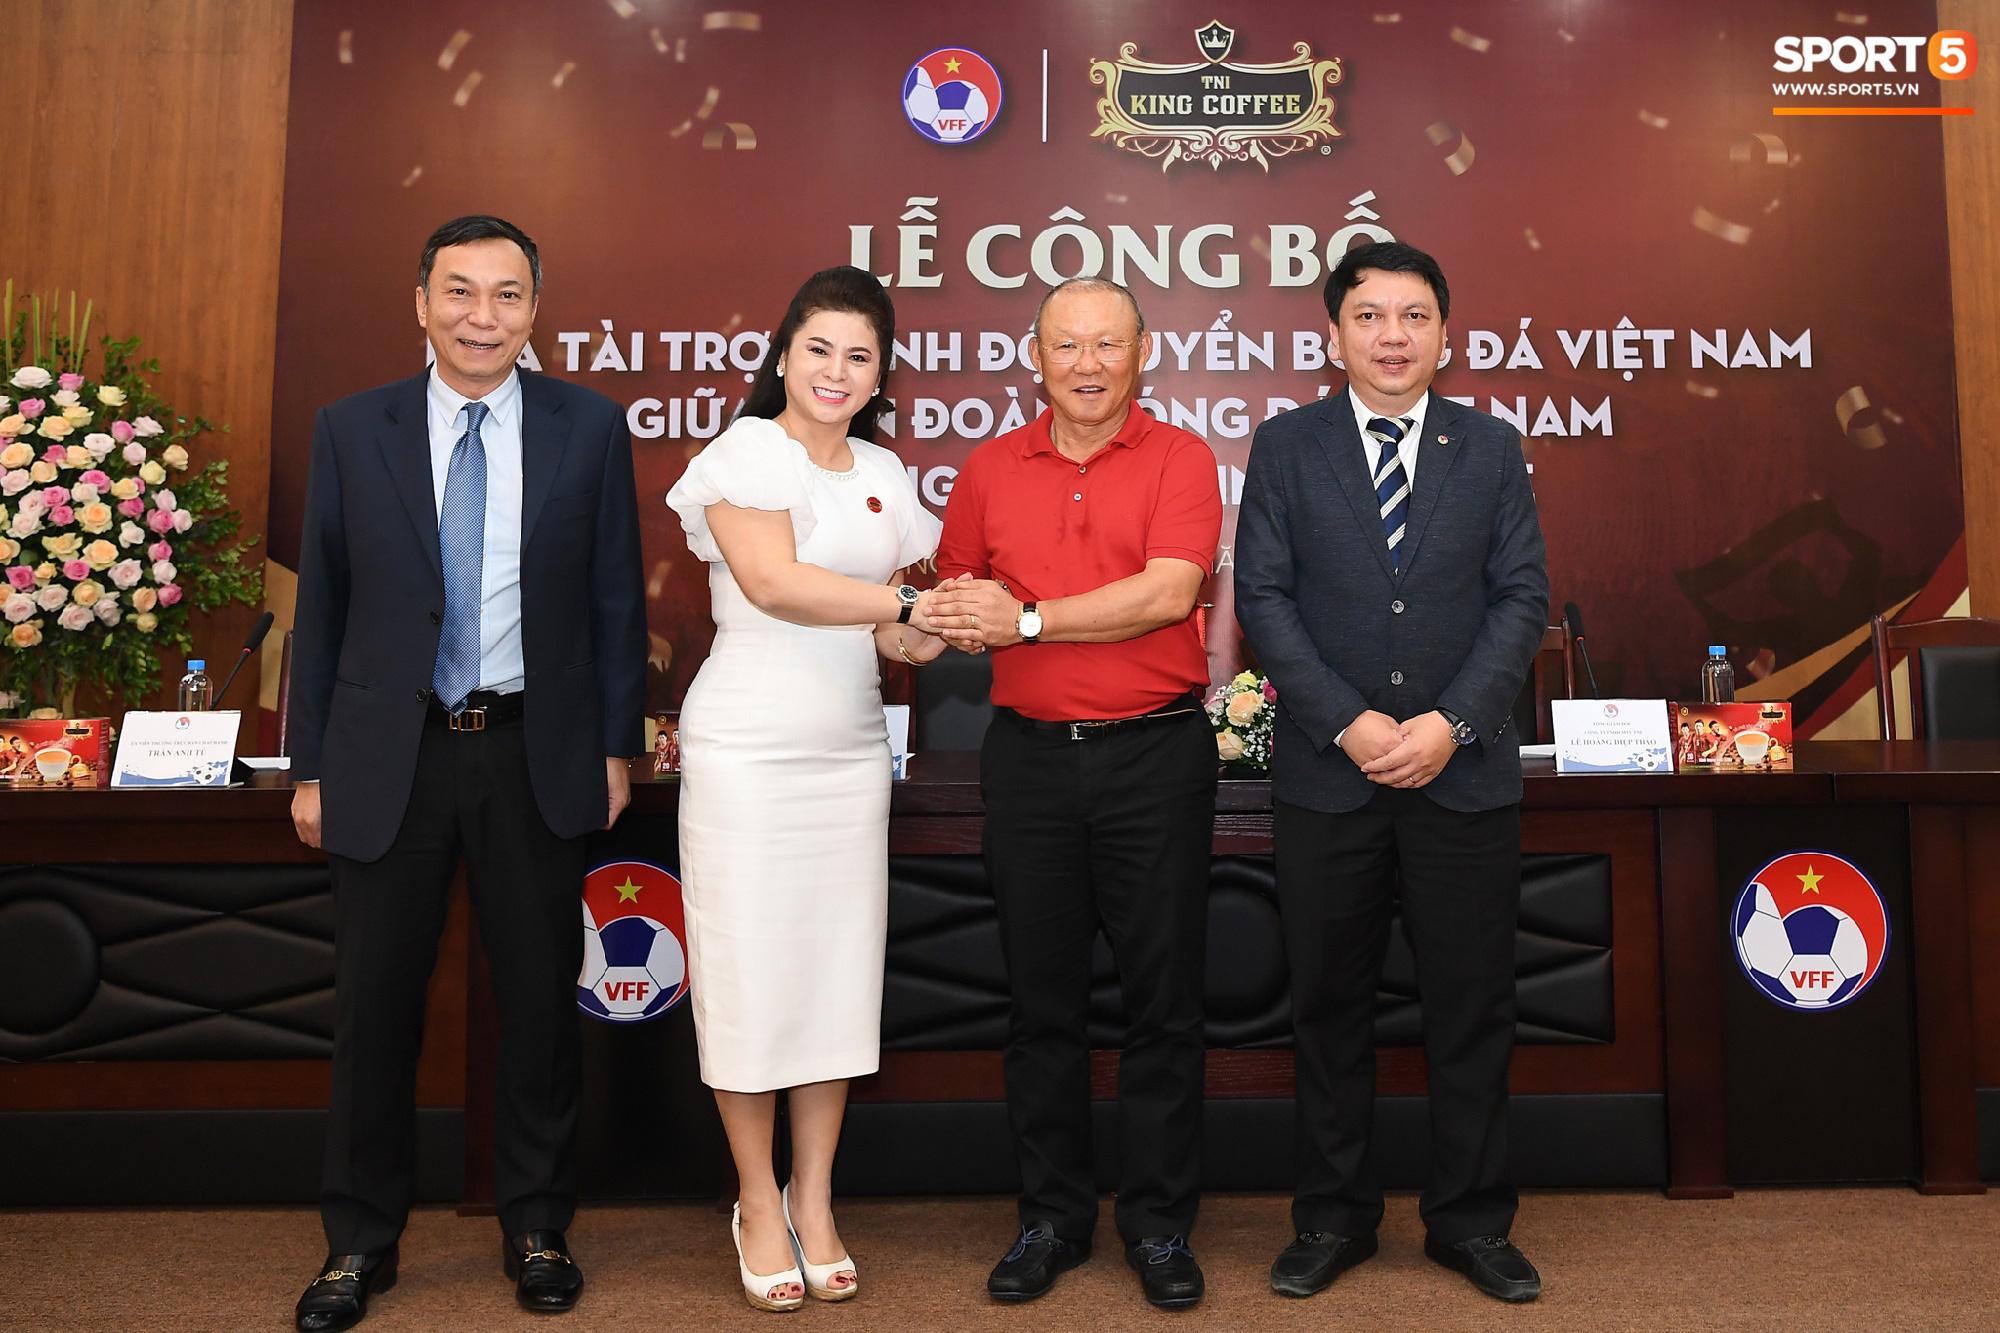 Tuấn Anh tán gẫu cực vui cùng các nữ tuyển thủ, Quang Hải gặp sự cố lạc đường hài hước trong phòng họp báo - Ảnh 8.